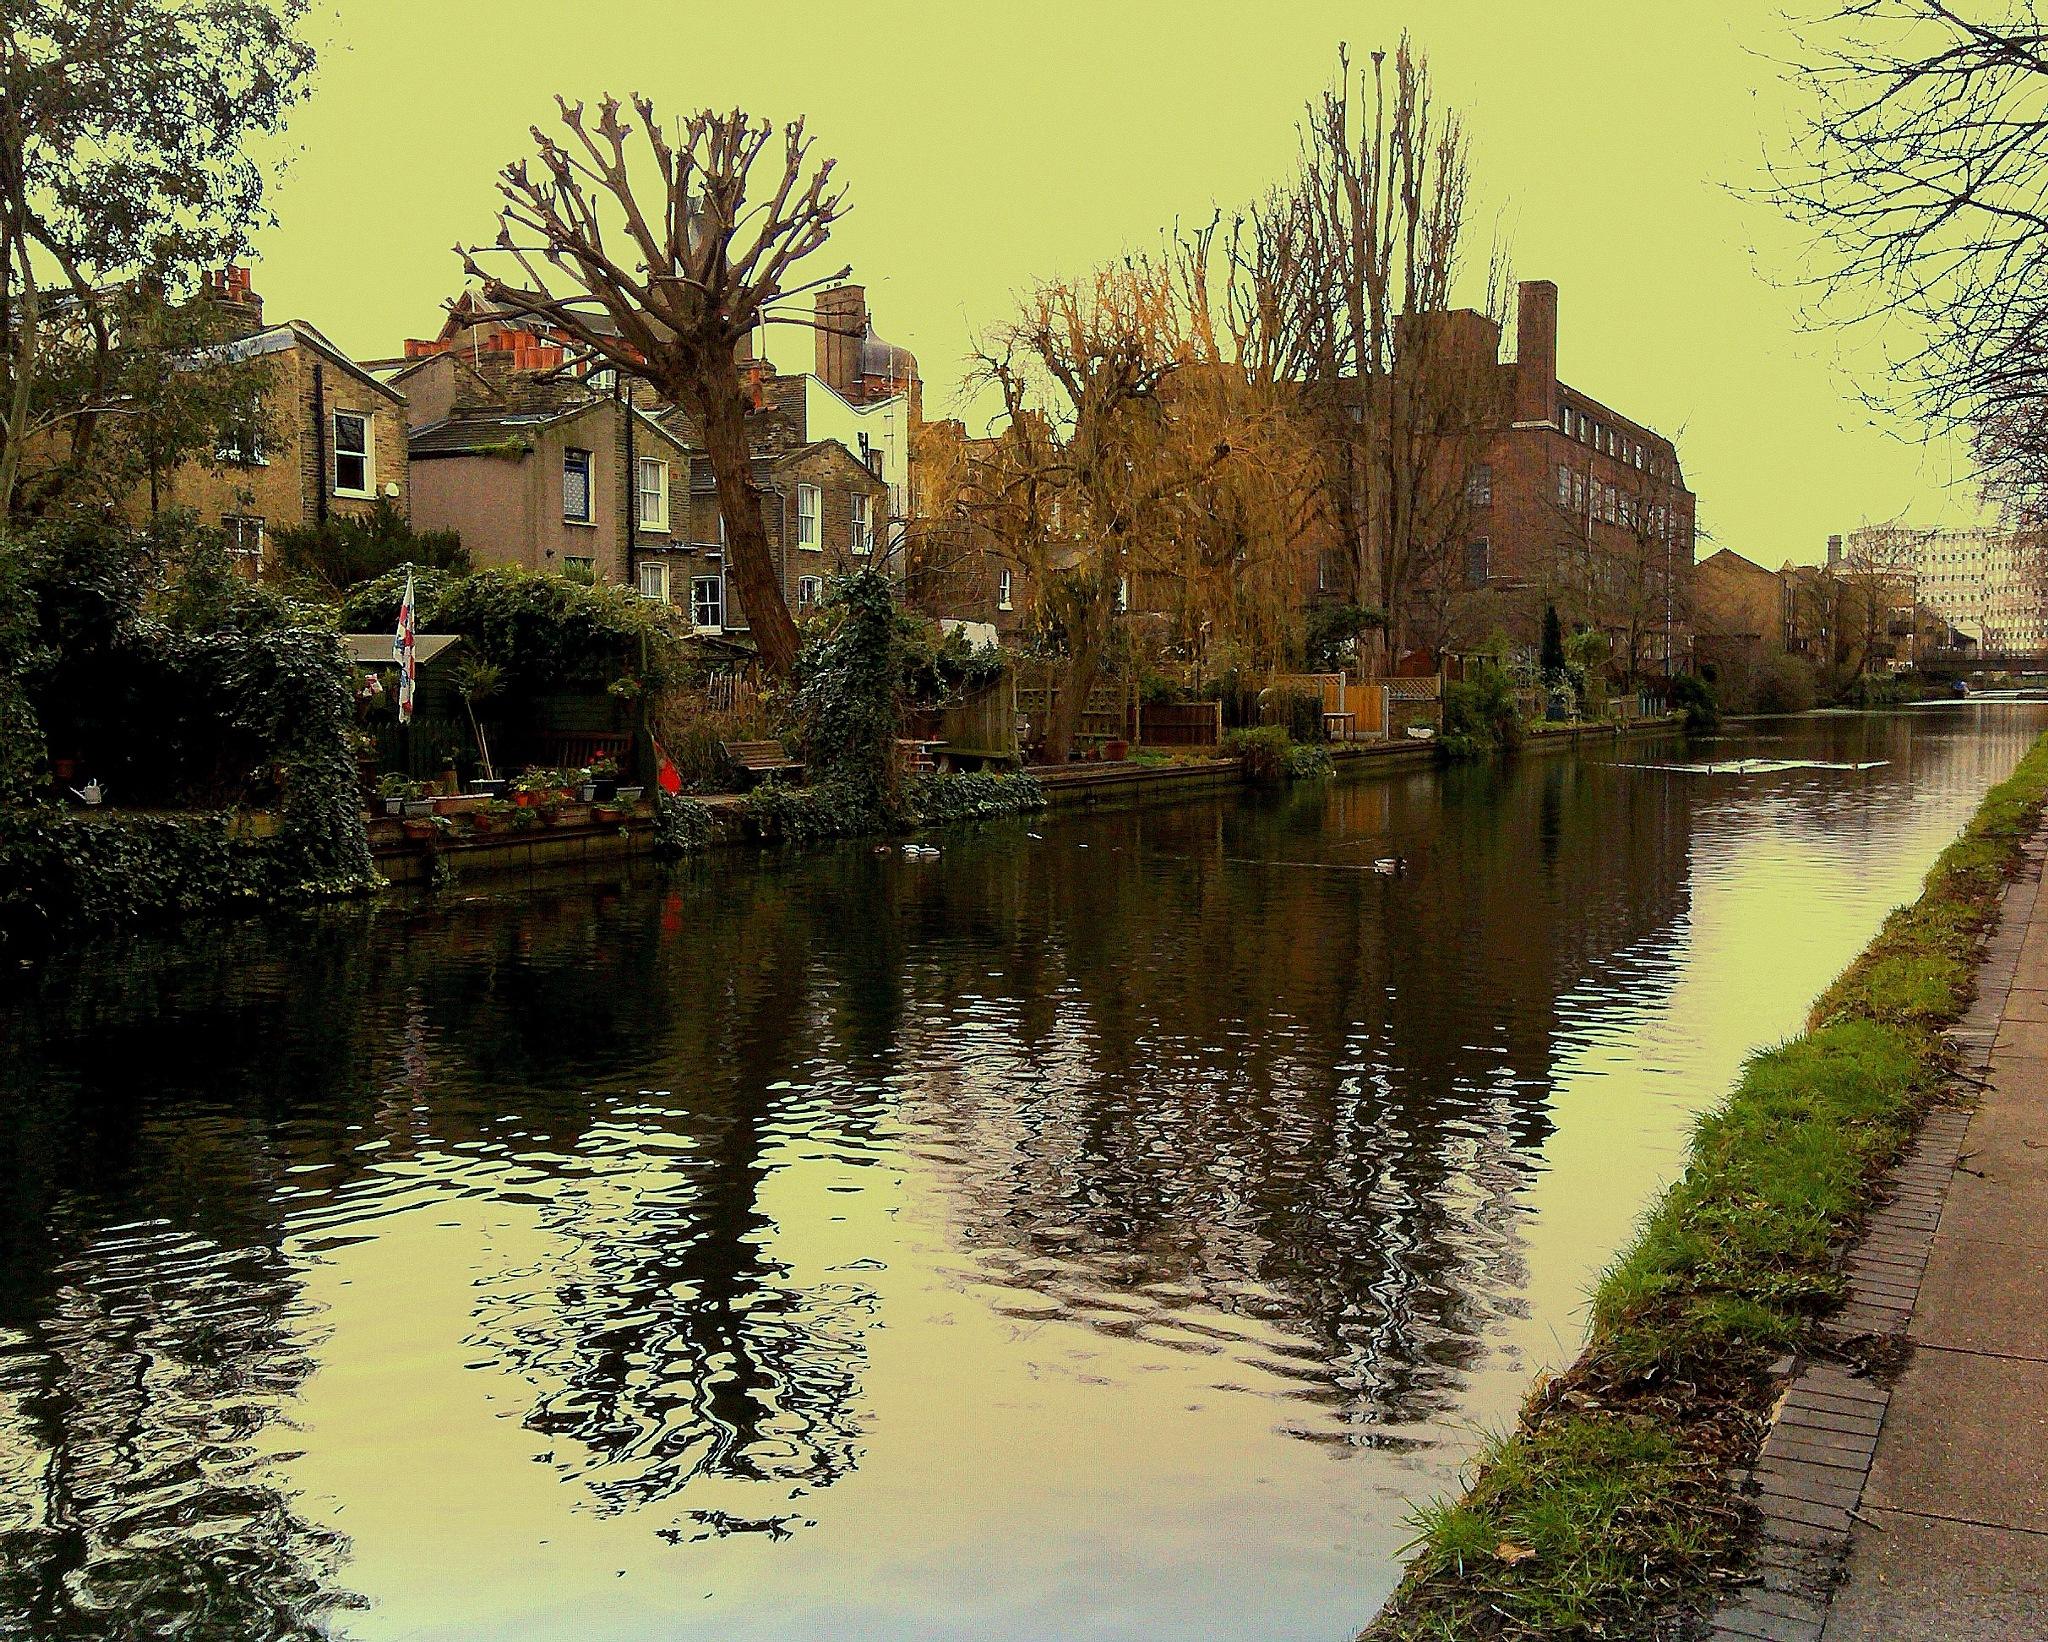 HERTFORD CANAL by Akin Saner